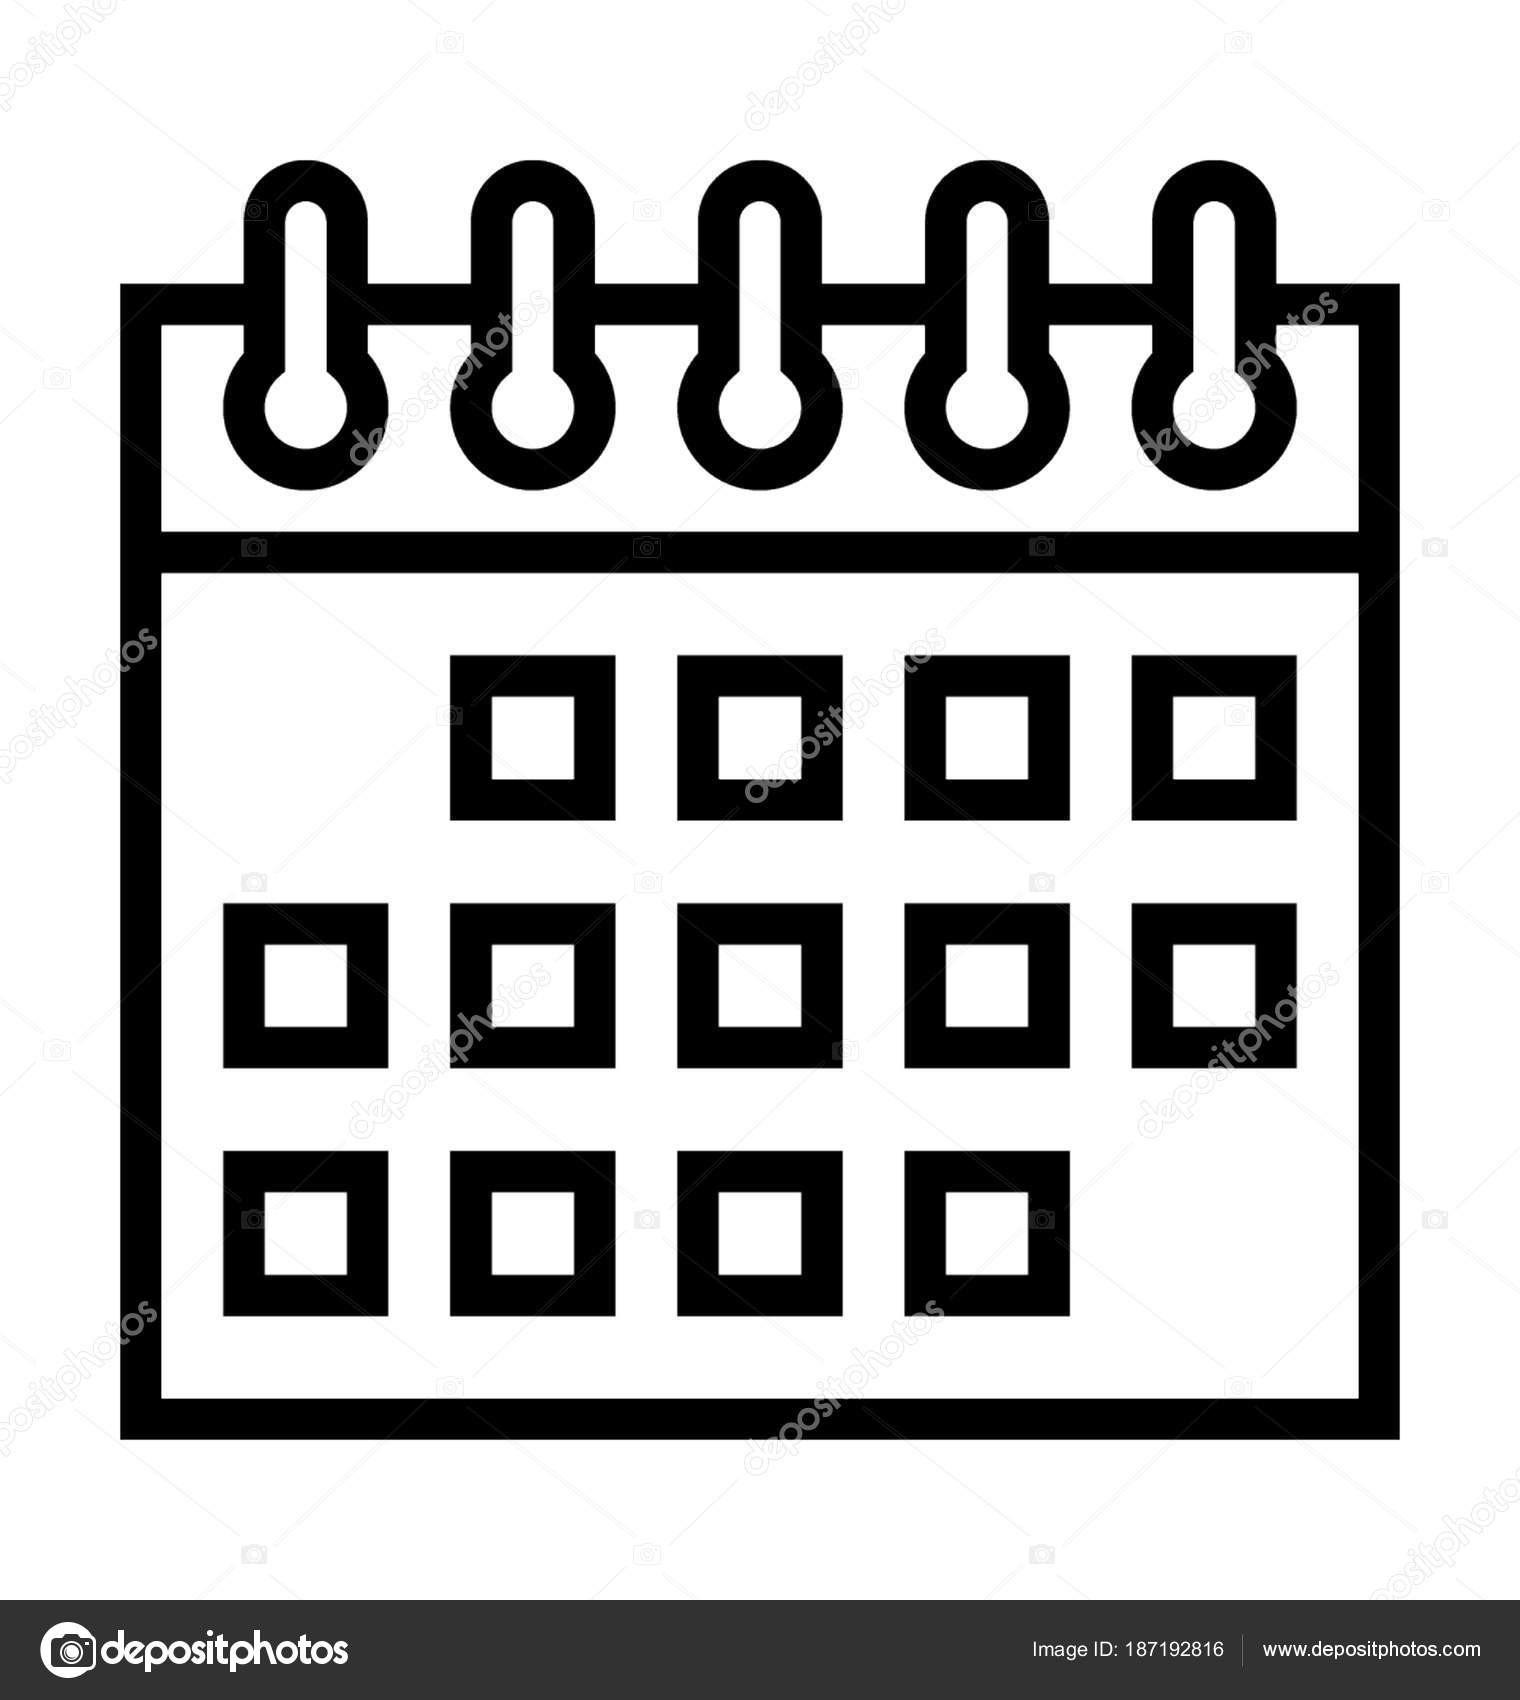 depositphotos stock illustration calendar vector icon